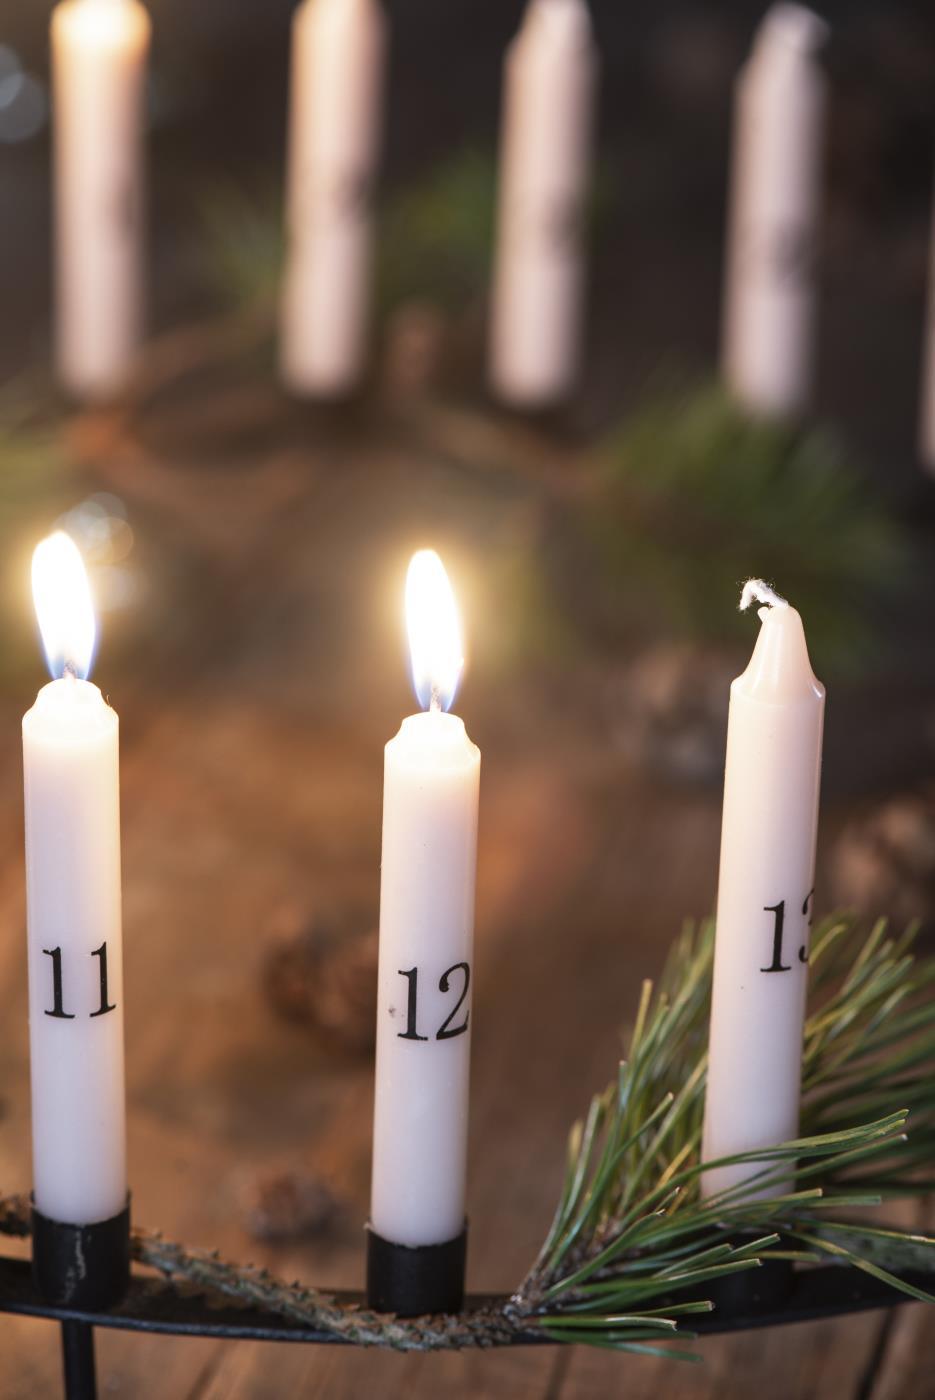 Dünne Kerzen 1-24 malva m/schwarzen Zahlen ib laursen